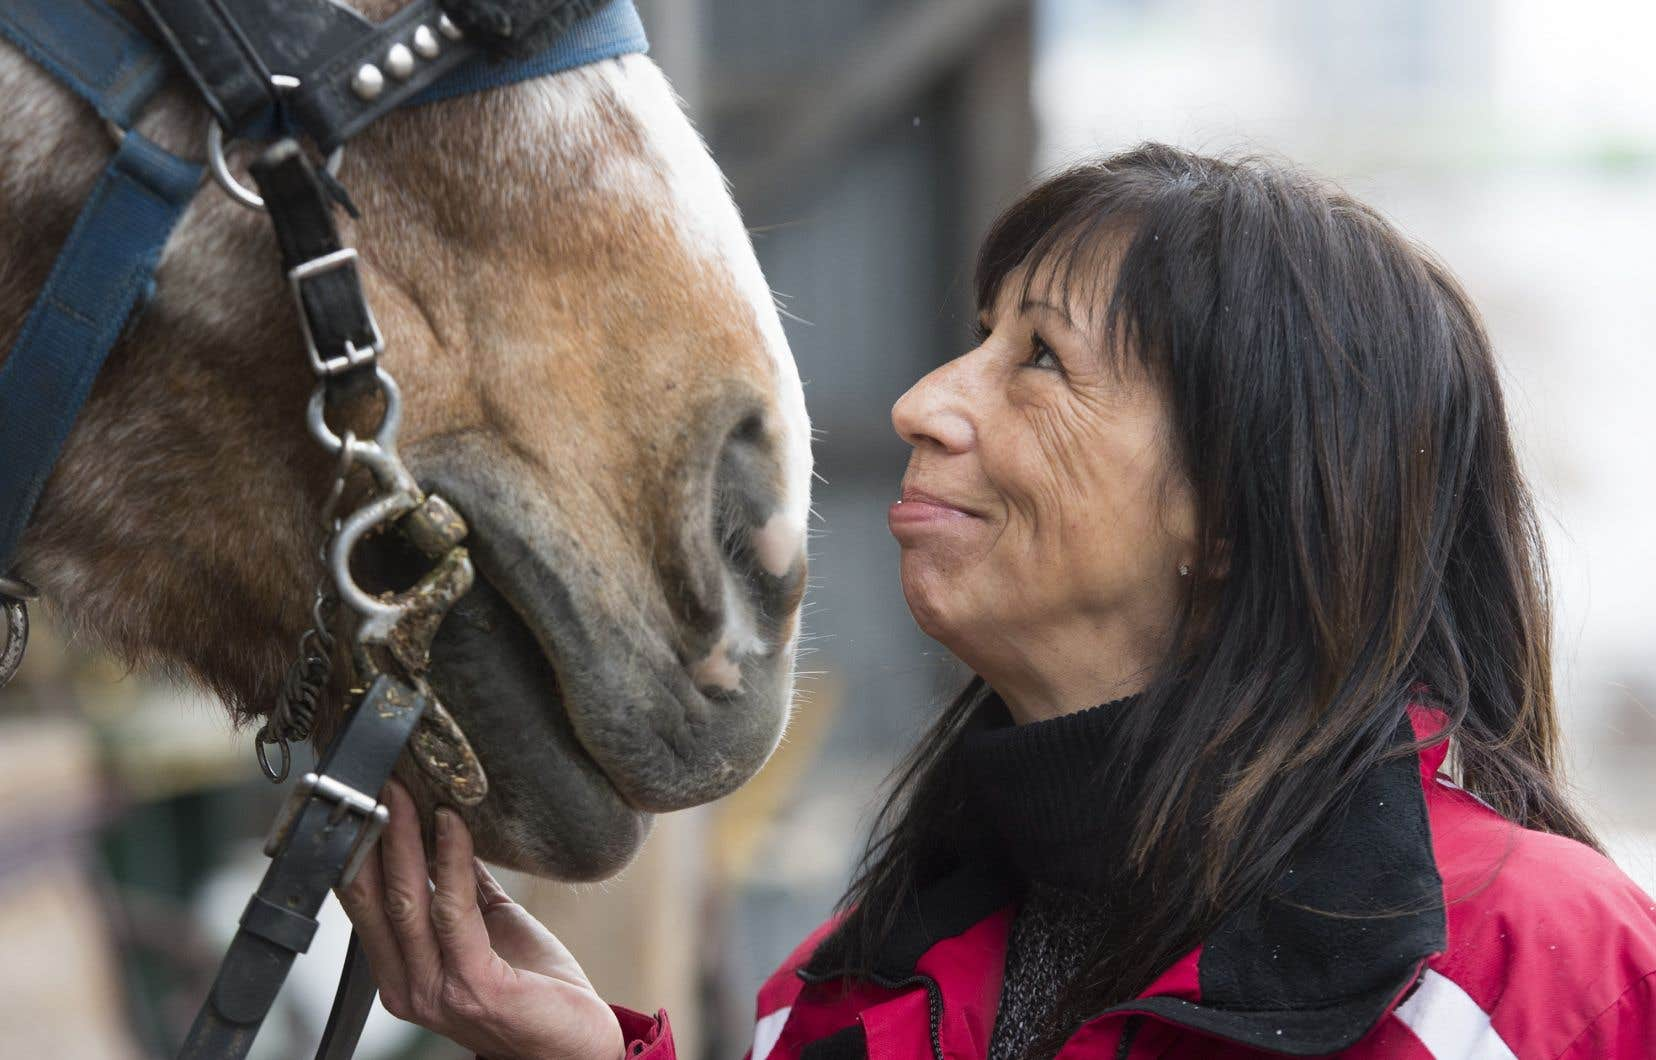 «Si les calèches sont éliminées à Montréal, c'est avant tout en raison de l'avancée des idées antispécistes portées sans relâche par quelques organisations de défense des droits des animaux», croit l'auteur.